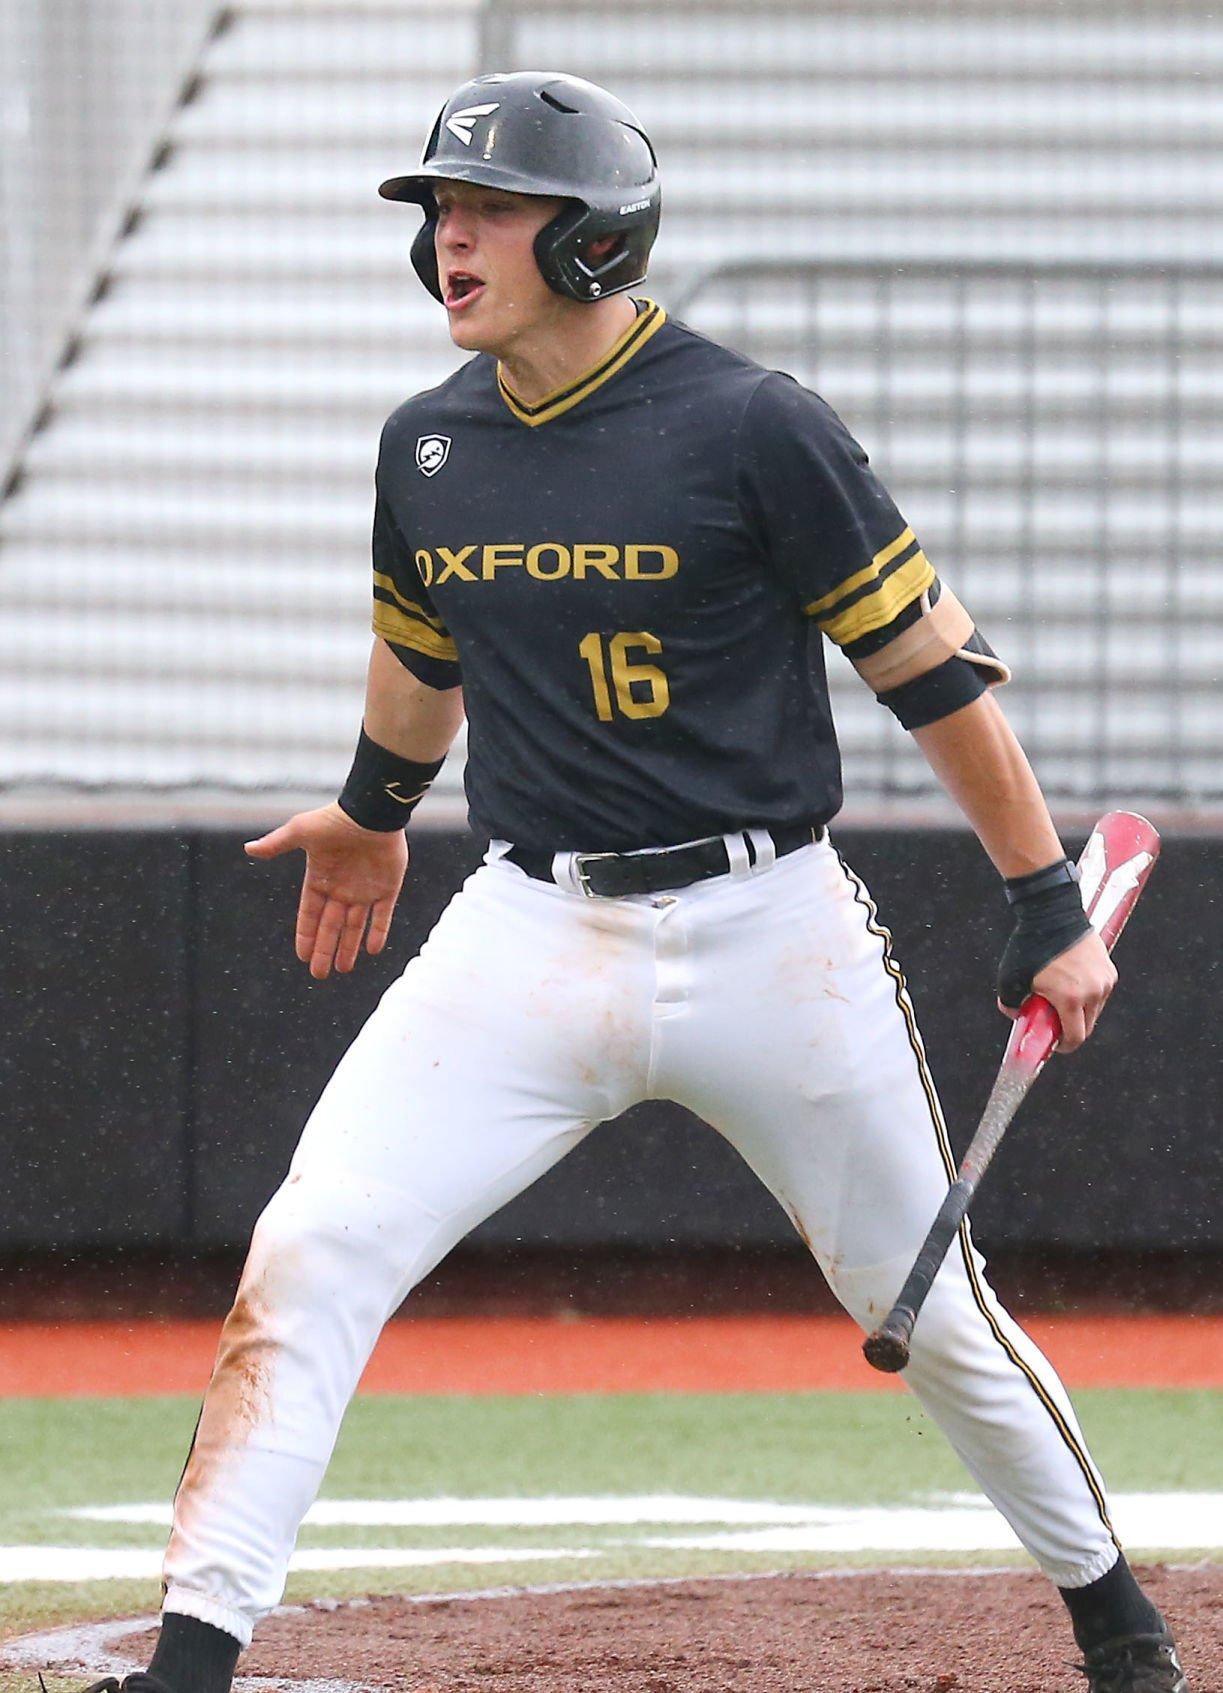 Oxford Hartselle baseball